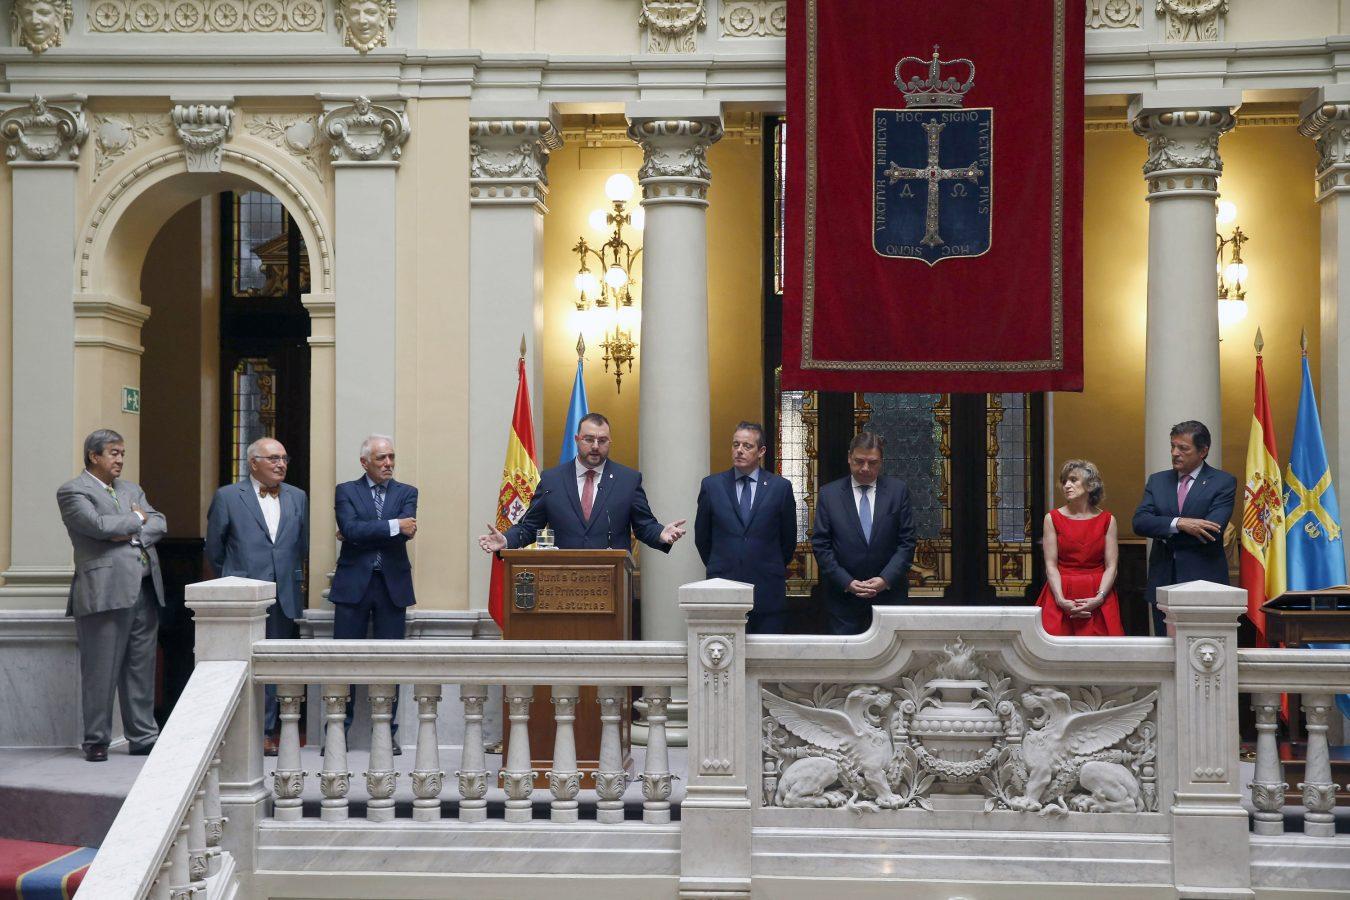 Adrián Barbón se convierte en el noveno Presidente del Principado. Mañana dará a conocer su Gobierno